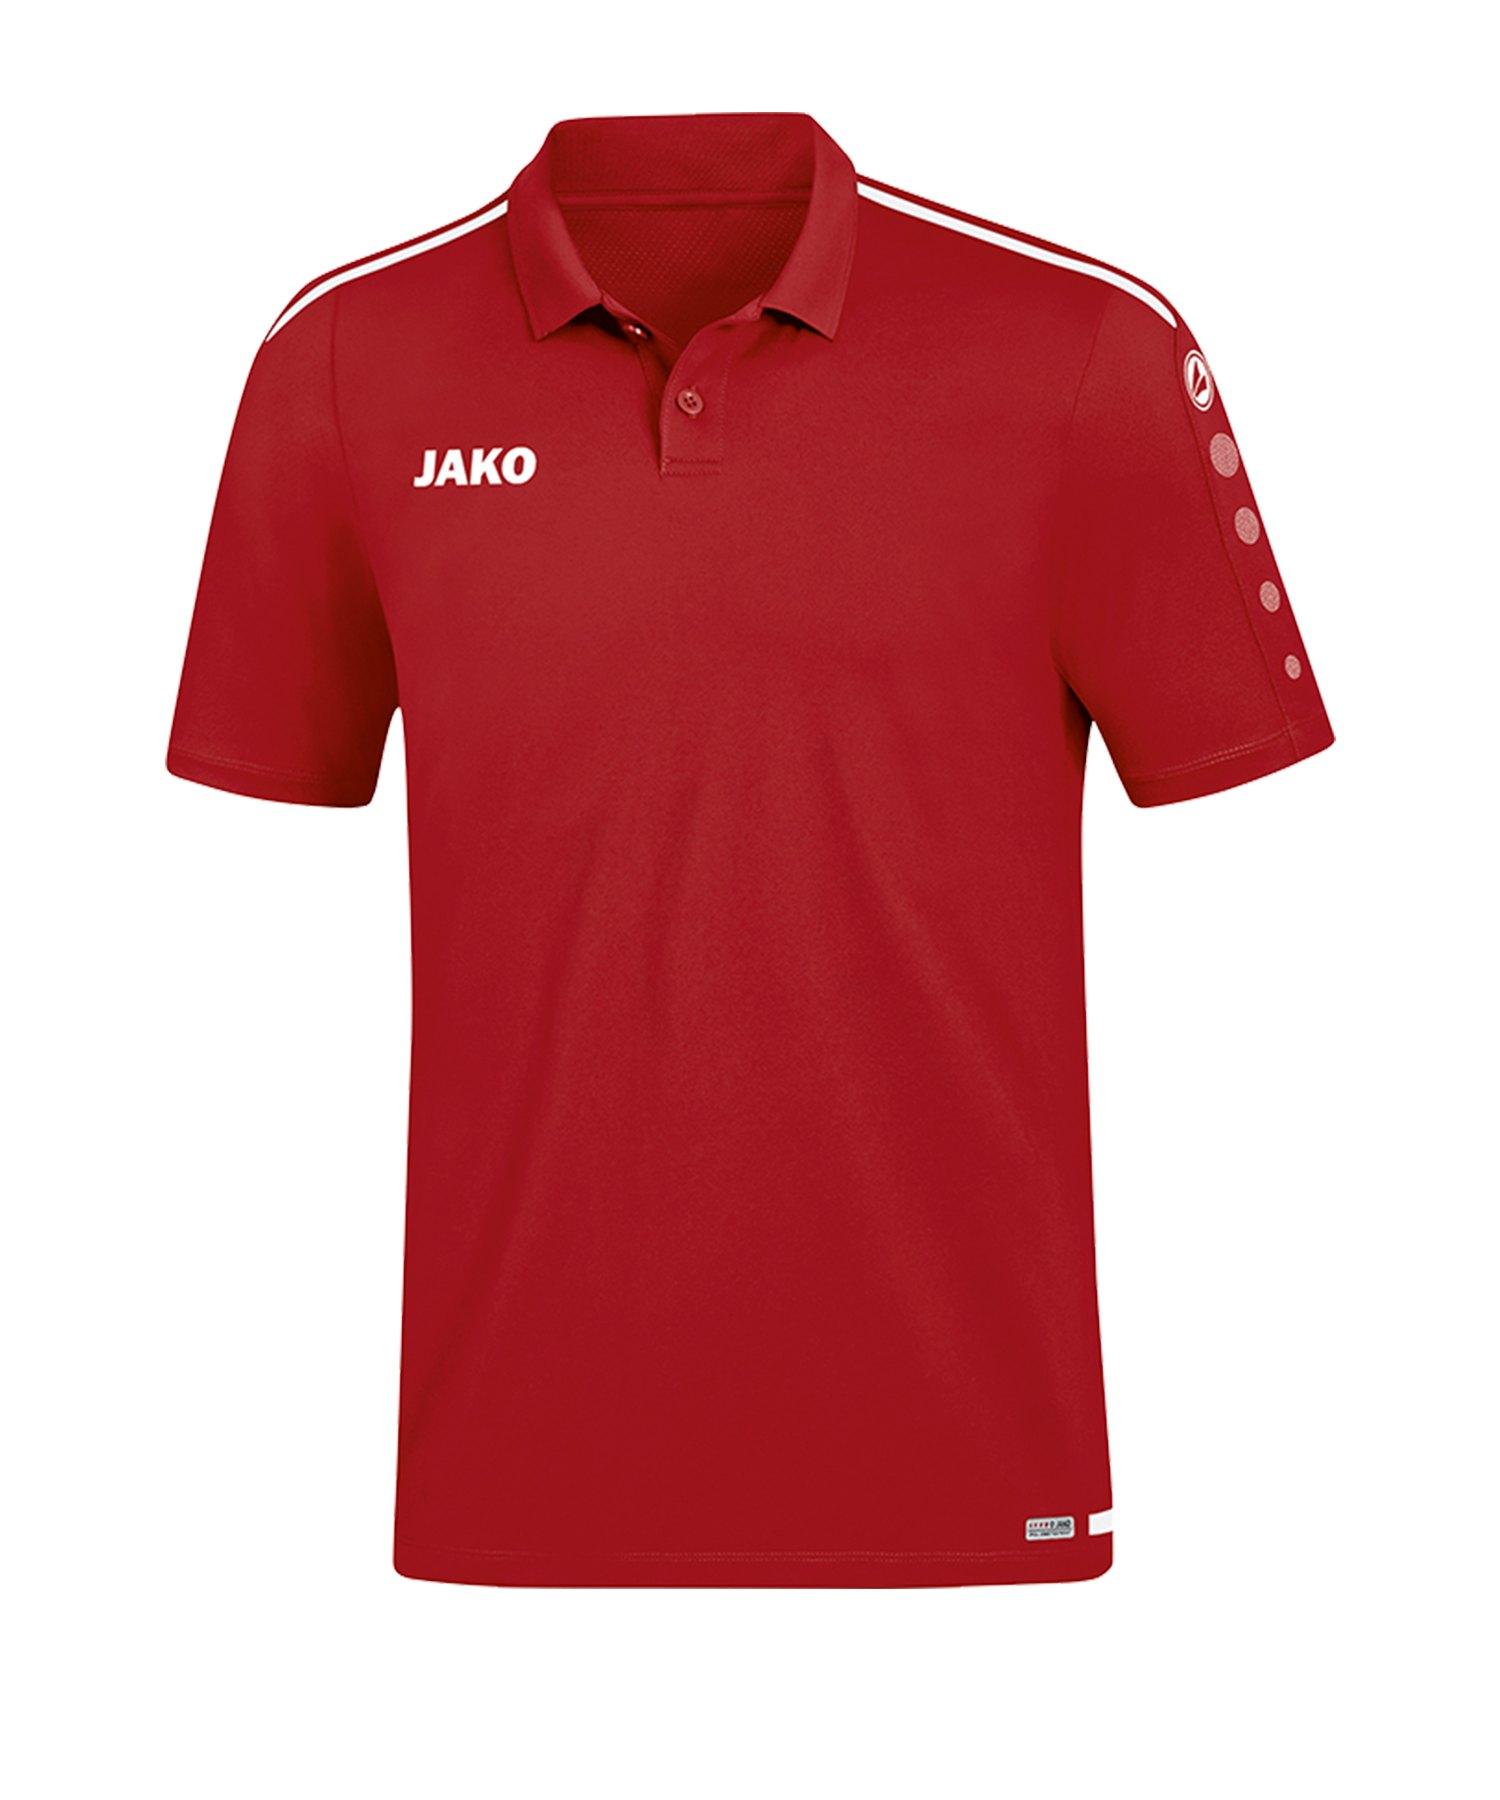 Jako Striker 2.0 Poloshirt Rot Weiss F11 - Rot